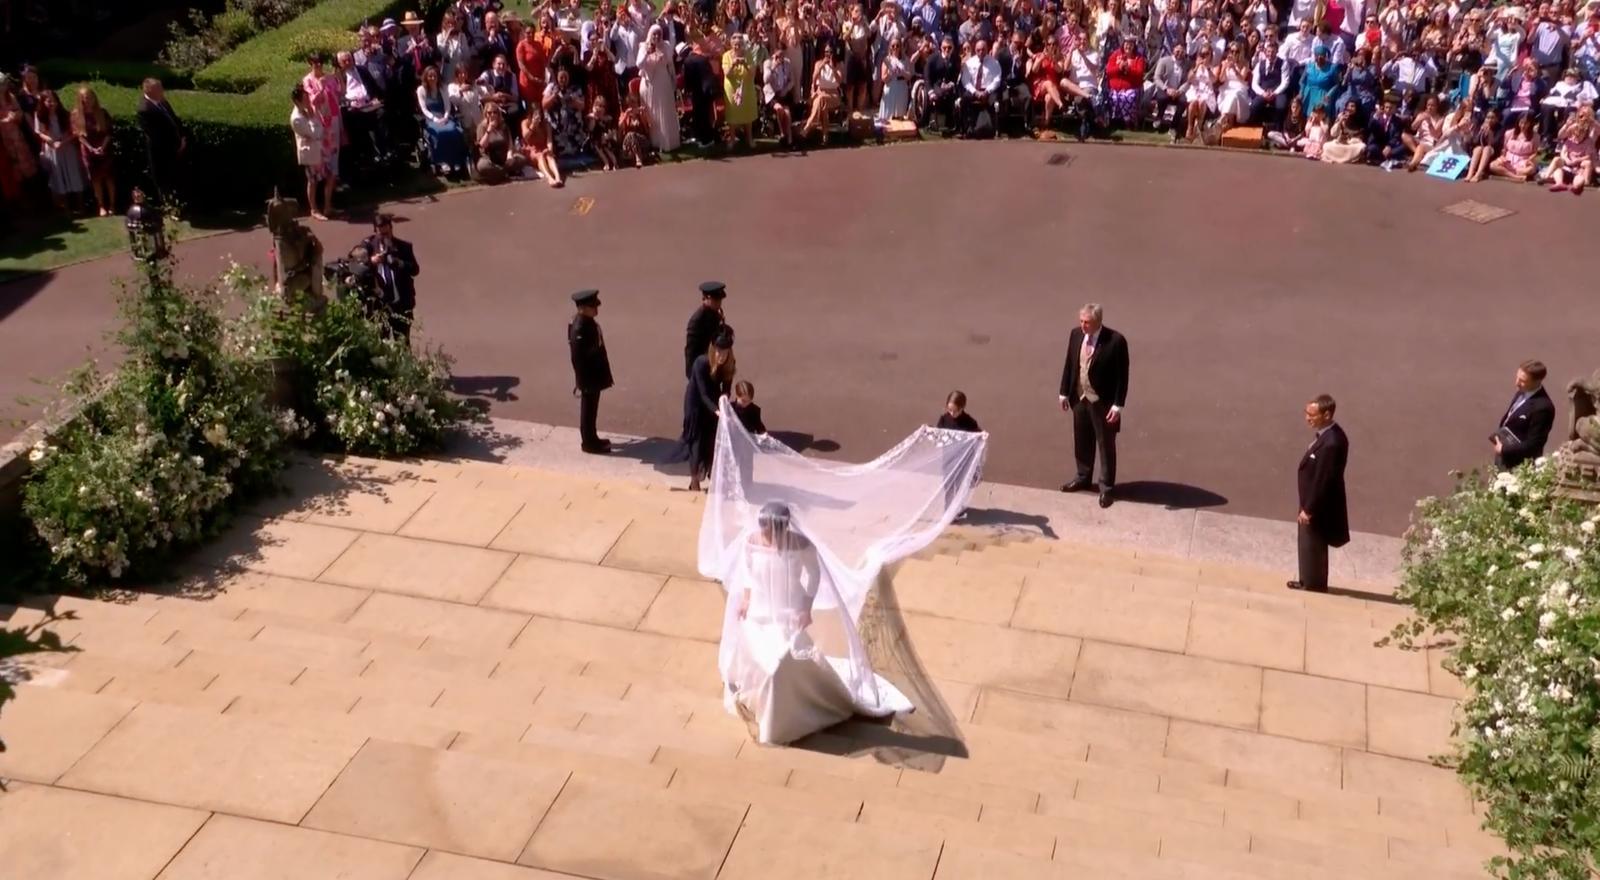 Kráľovská svadba Meghan a Harryho - Obrázok č. 67